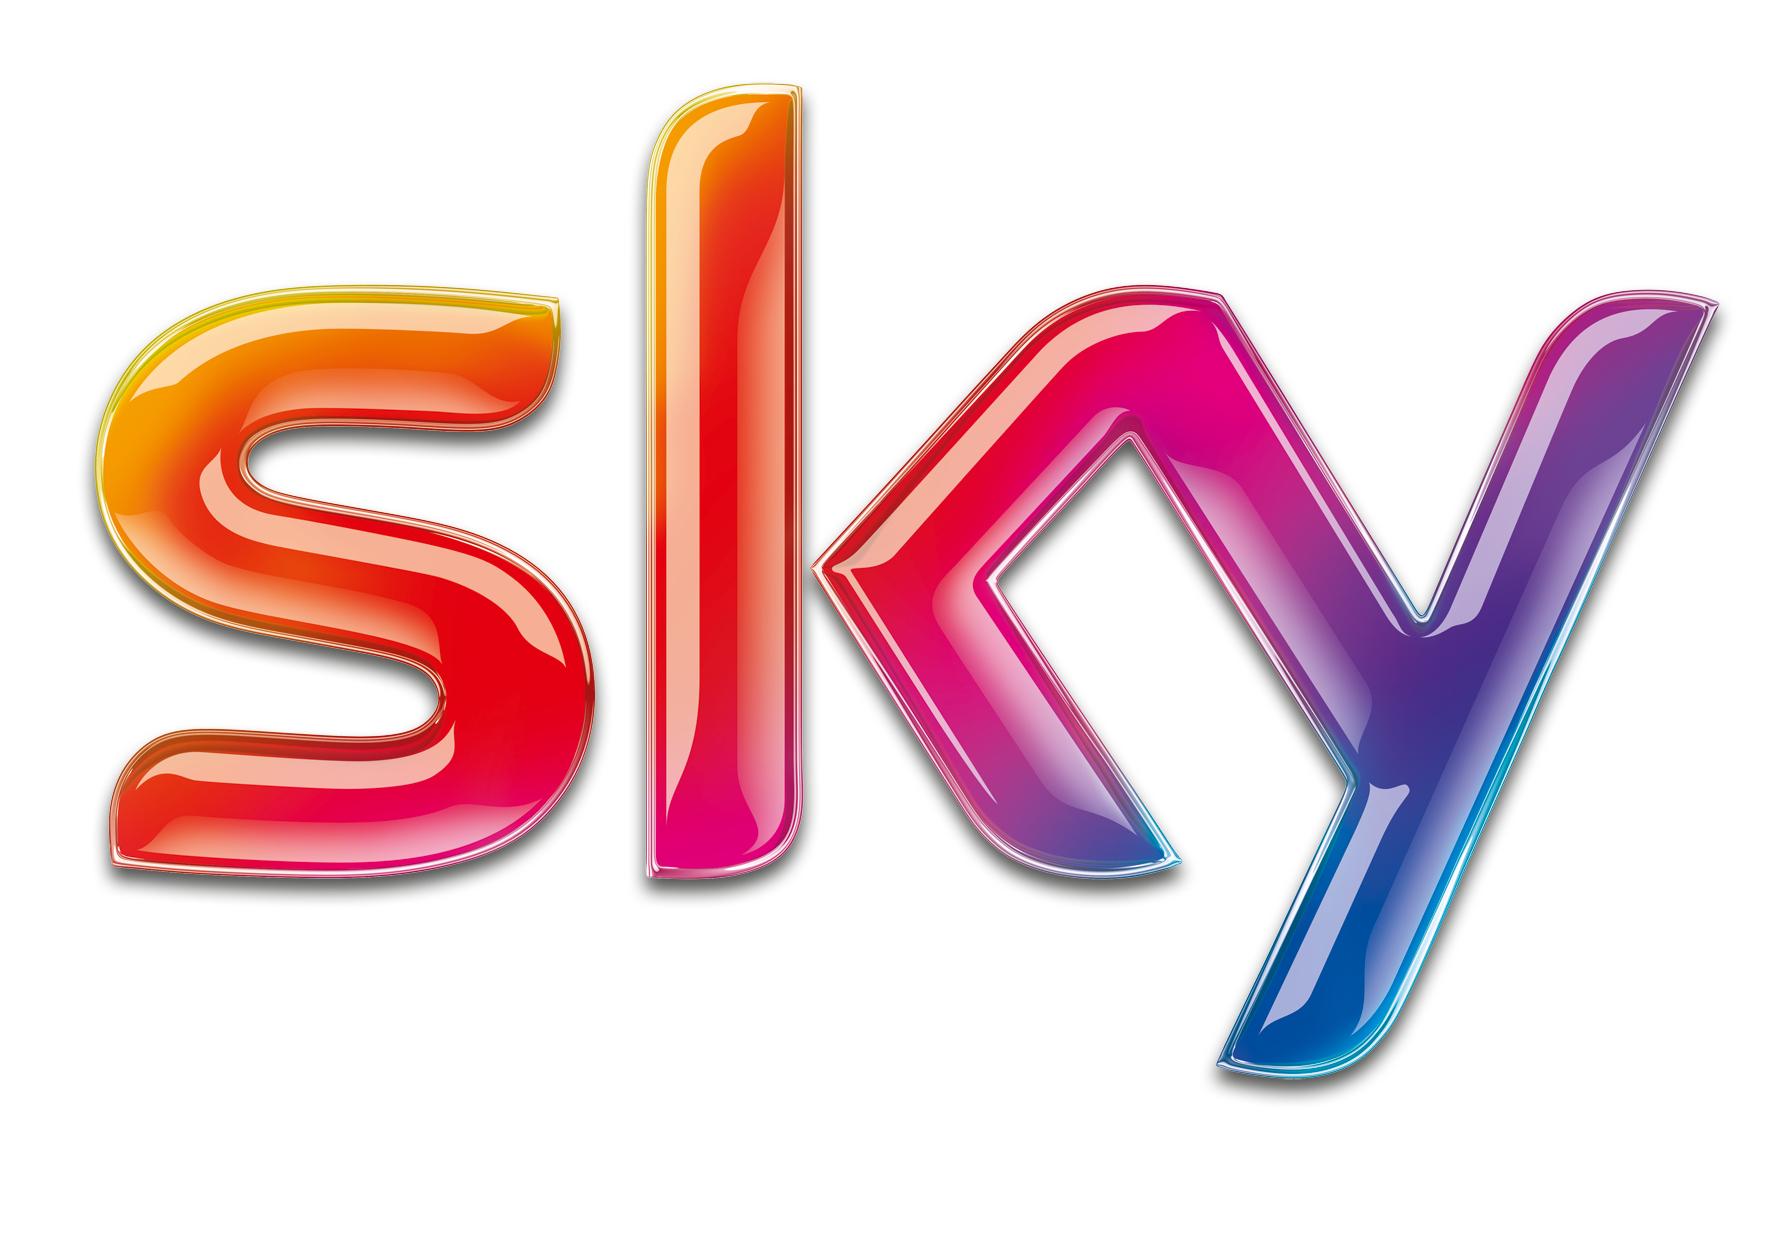 SKY Komplett-Abo für 29,99€ mtl. inkl. neuem 4K Festplattenreceiver